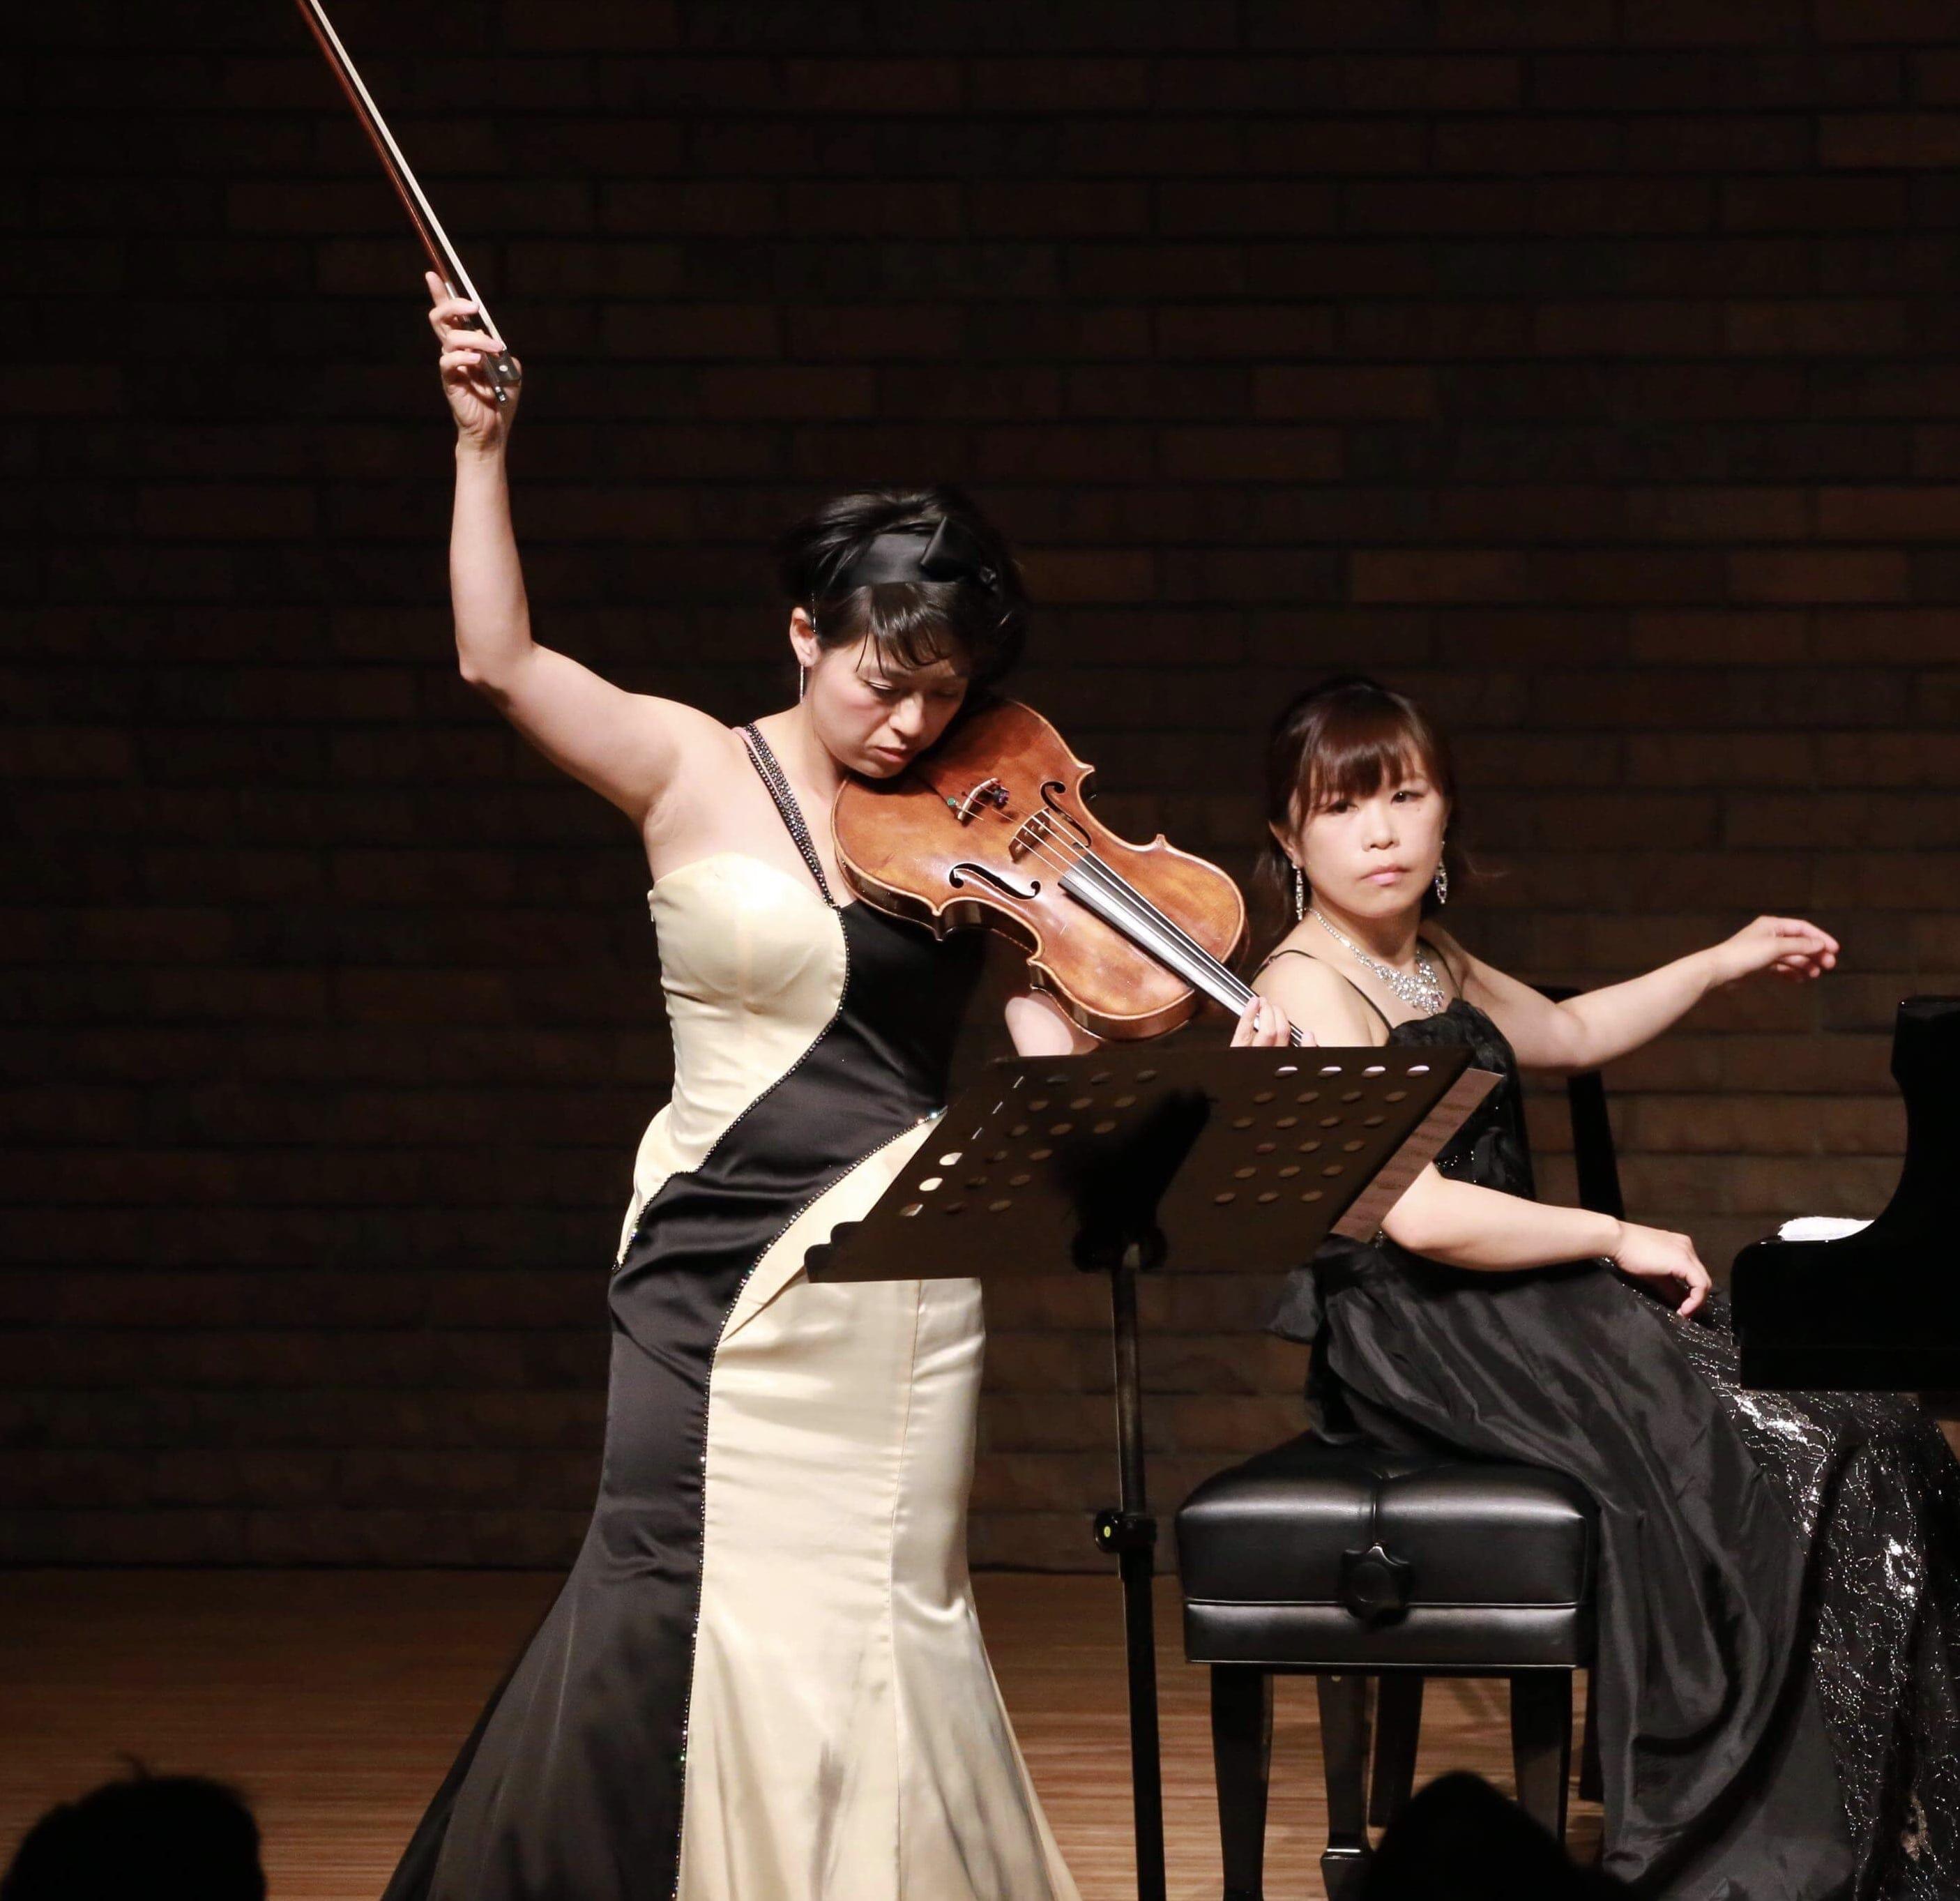 福田幸子主催公演 協賛金チケットのイメージその2